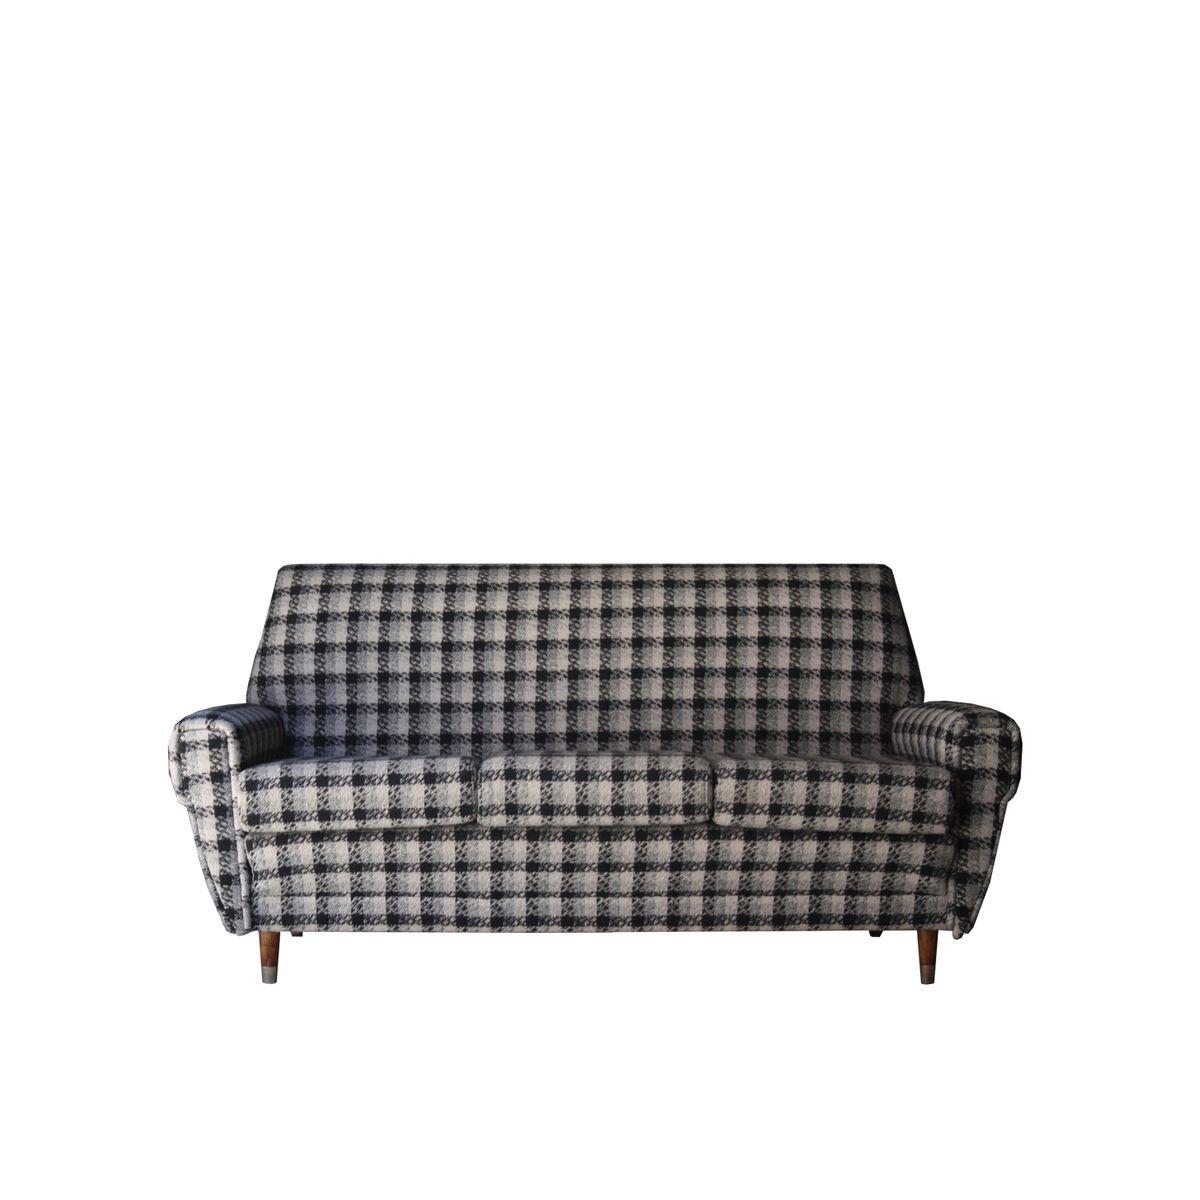 canap trois places france 1950s en vente sur pamono. Black Bedroom Furniture Sets. Home Design Ideas